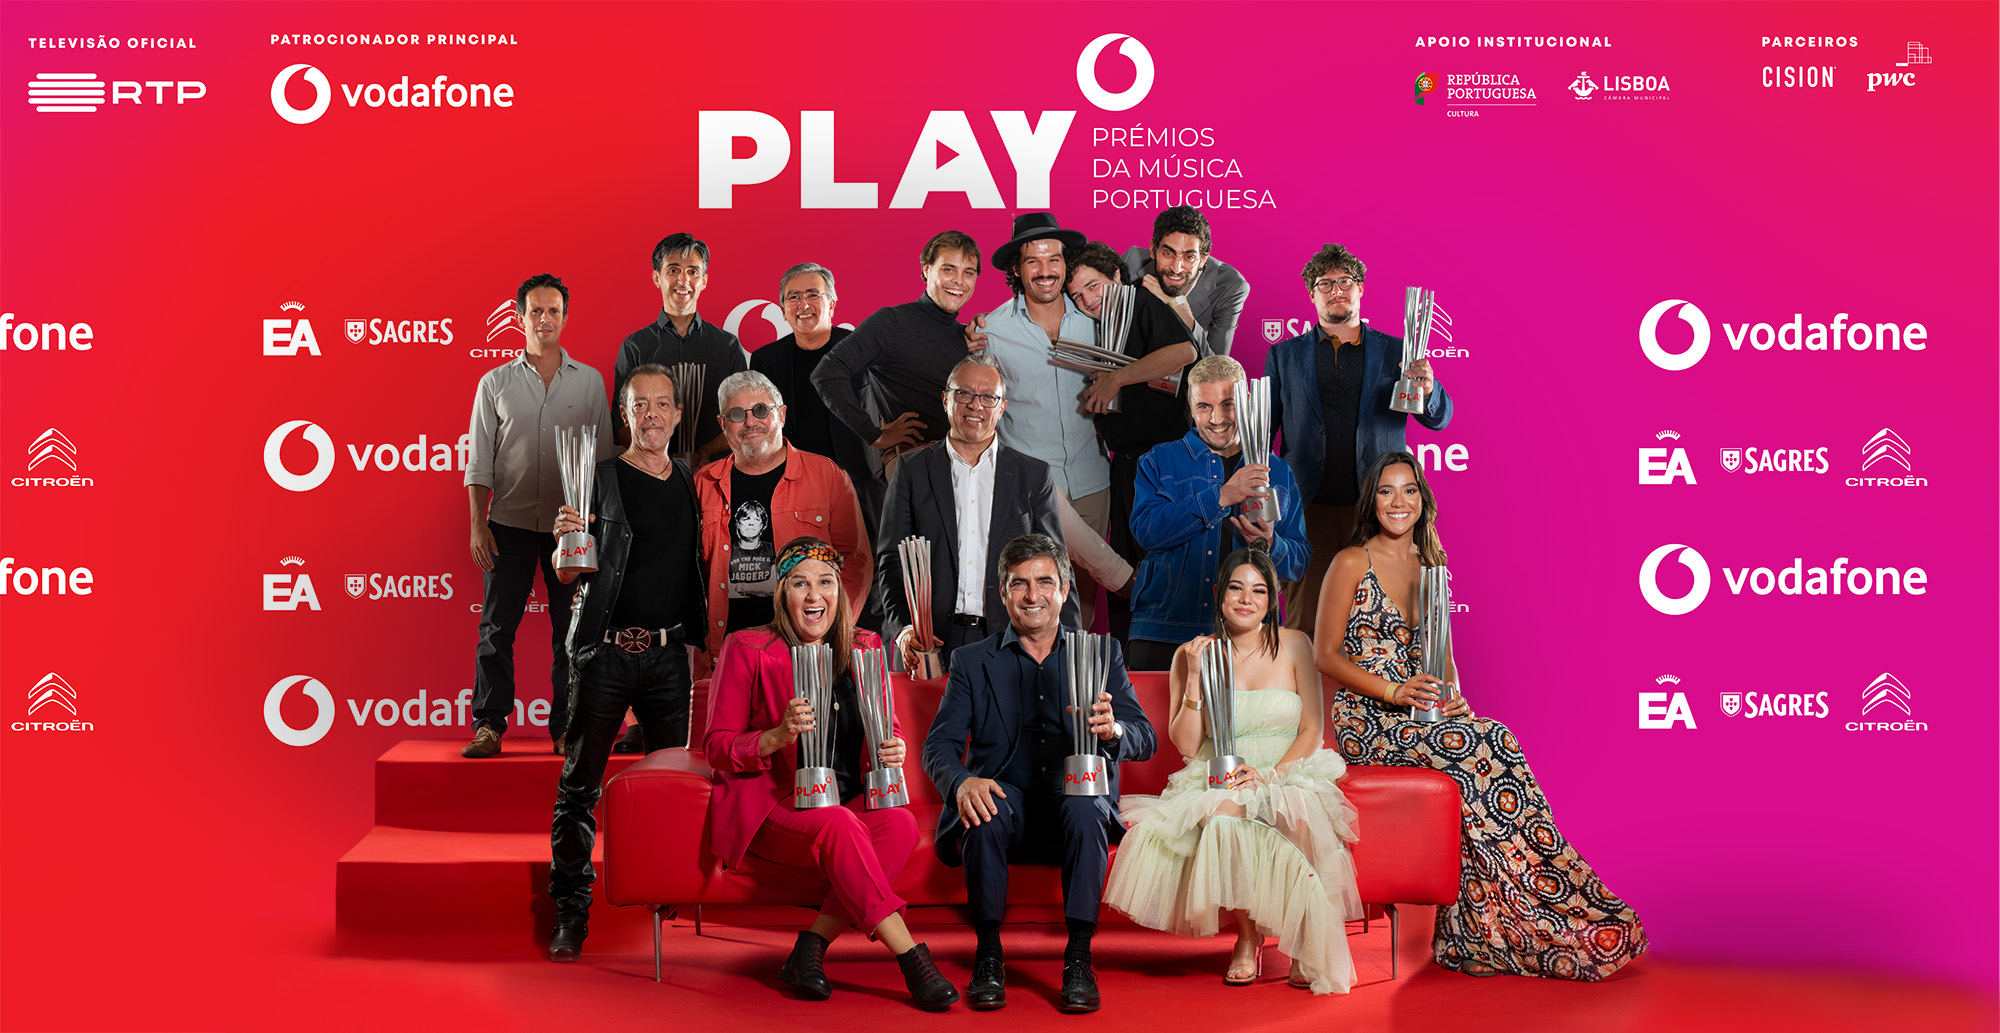 Capitão Fausto, Lena d'Água e Camané e Mário Laginha são os grandes vencedores dos Play